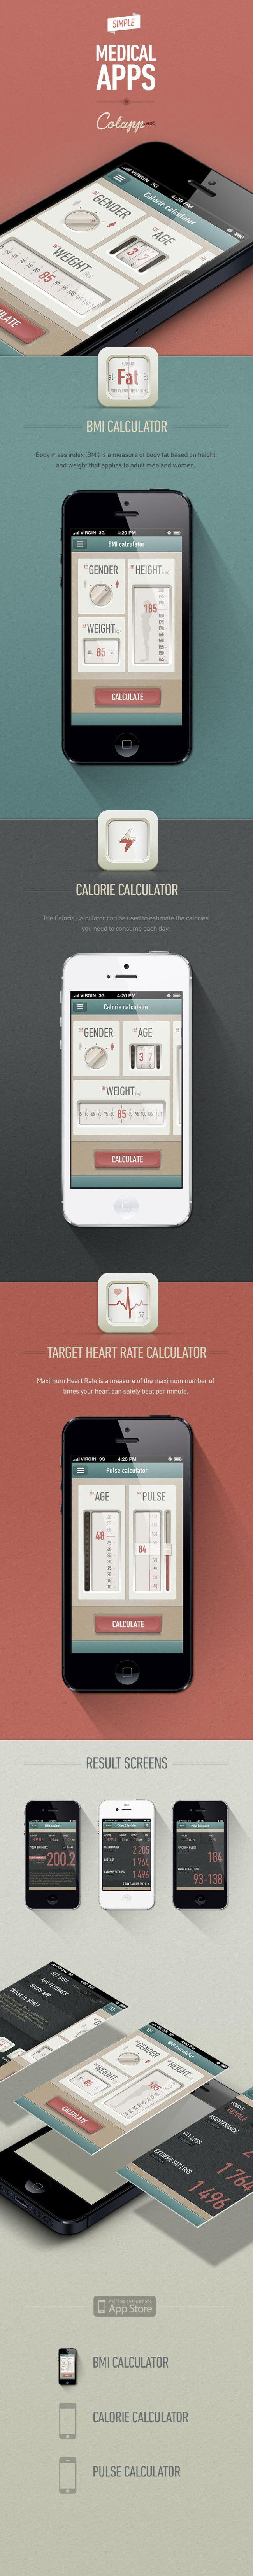 測量BMI值的App設計 | MyDesy 淘靈感